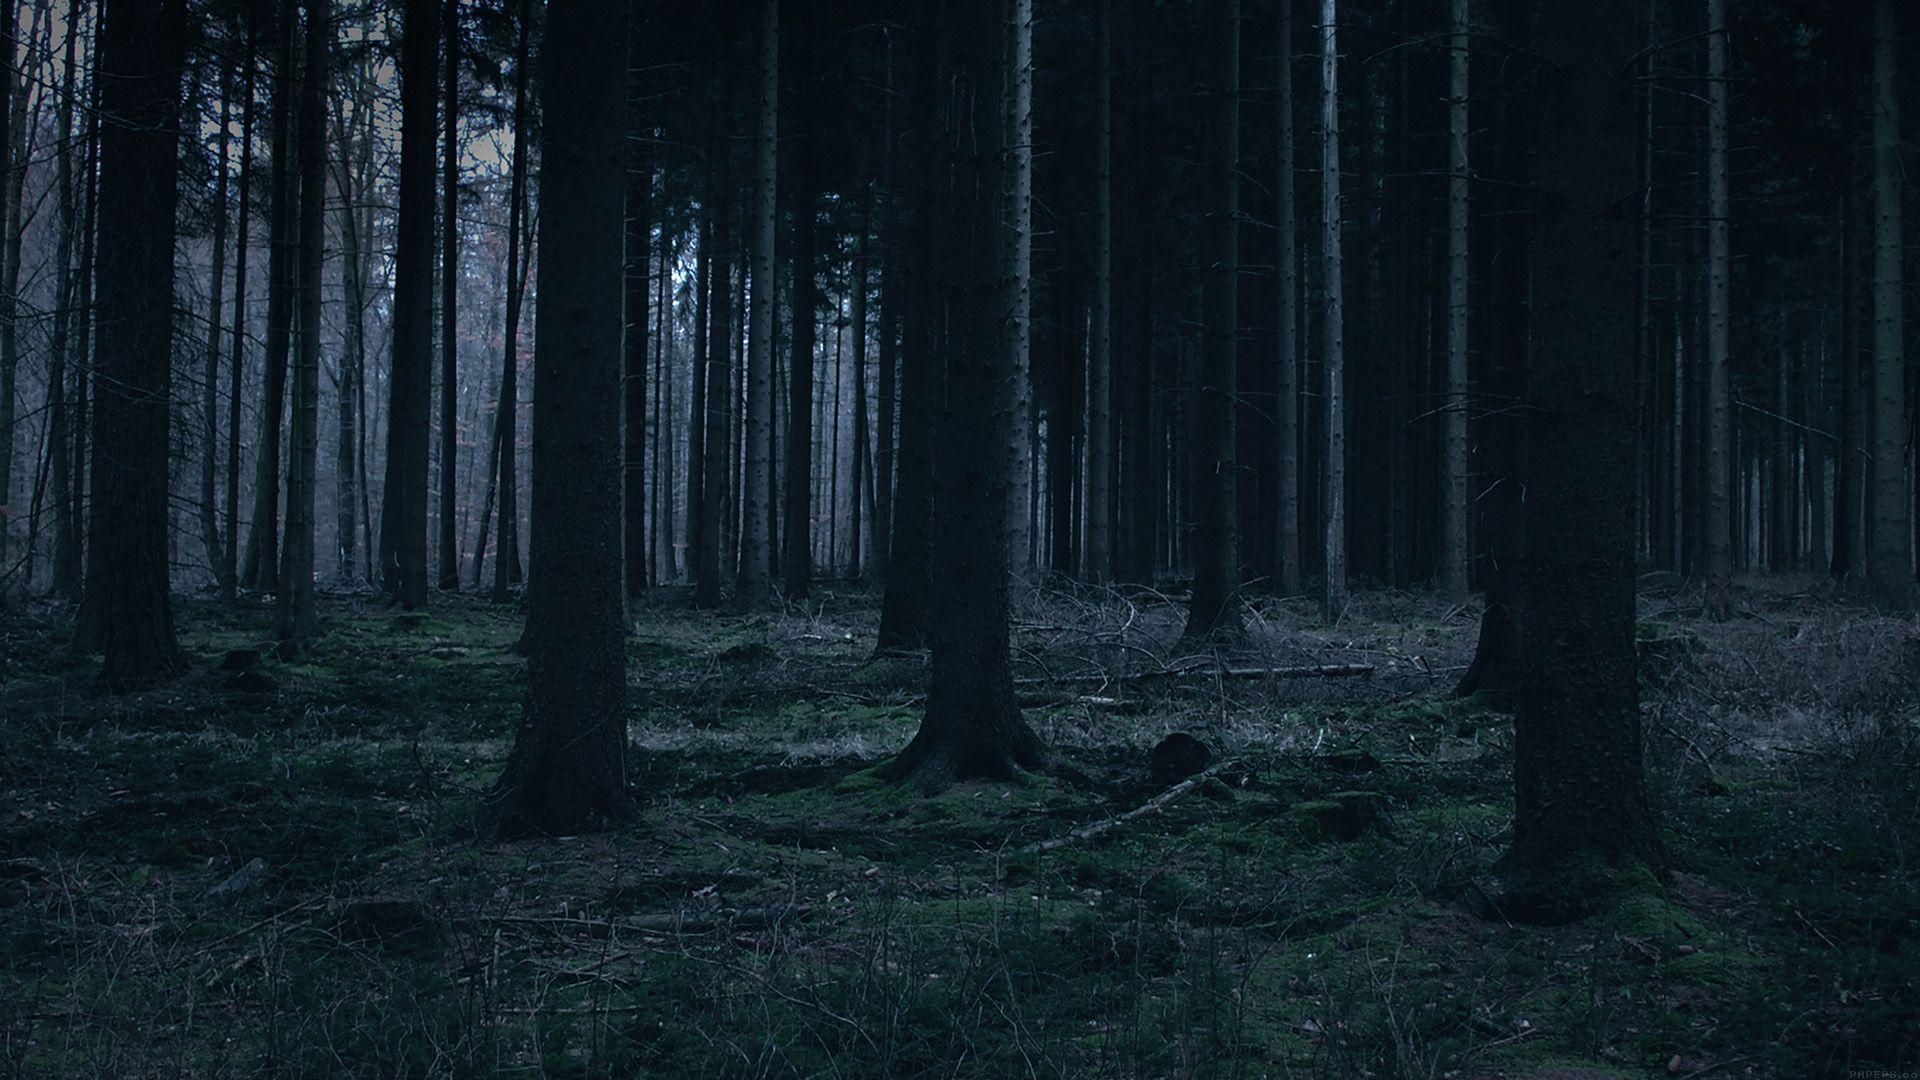 как ночной лес картинки на рабочий изображения для